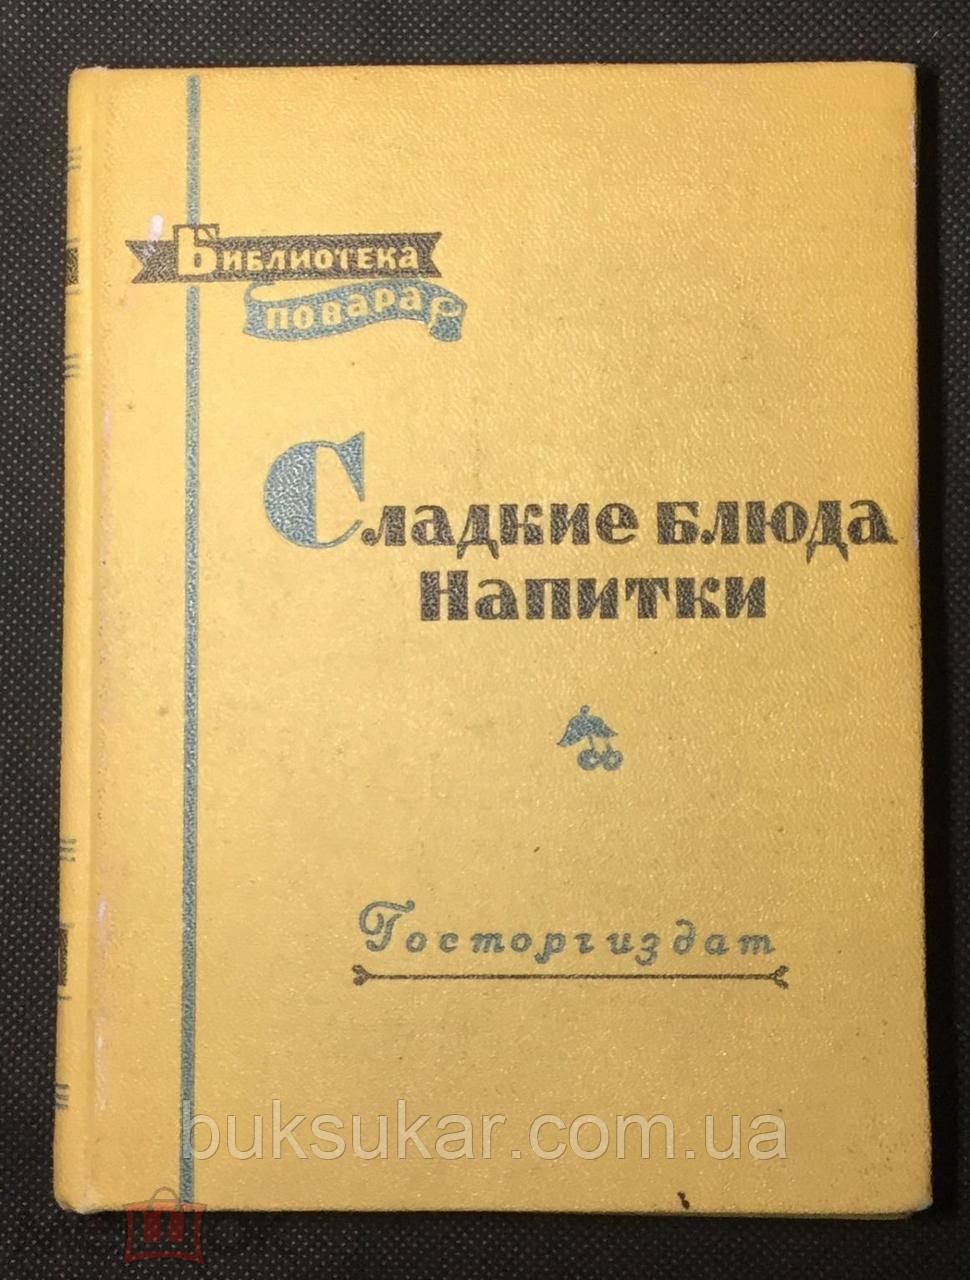 Абатуров П., Цыпленков Н. Сладкие блюда. Напитки. Серия: (Библиотека повара).